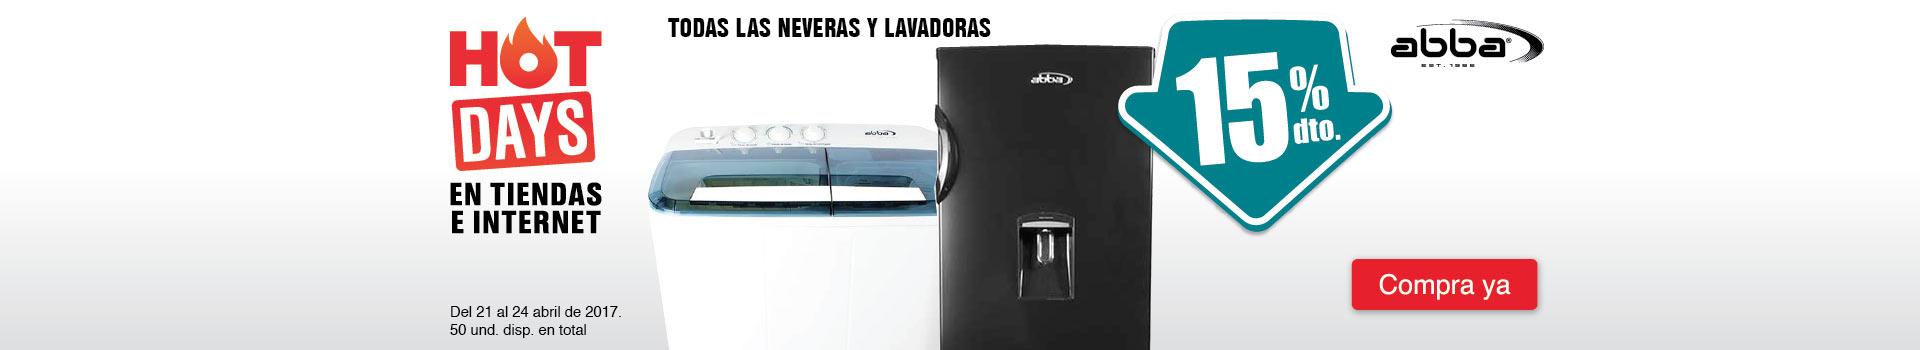 CAT NEV - 15%Dto en TODAS las neveras y lavadoras ABBA